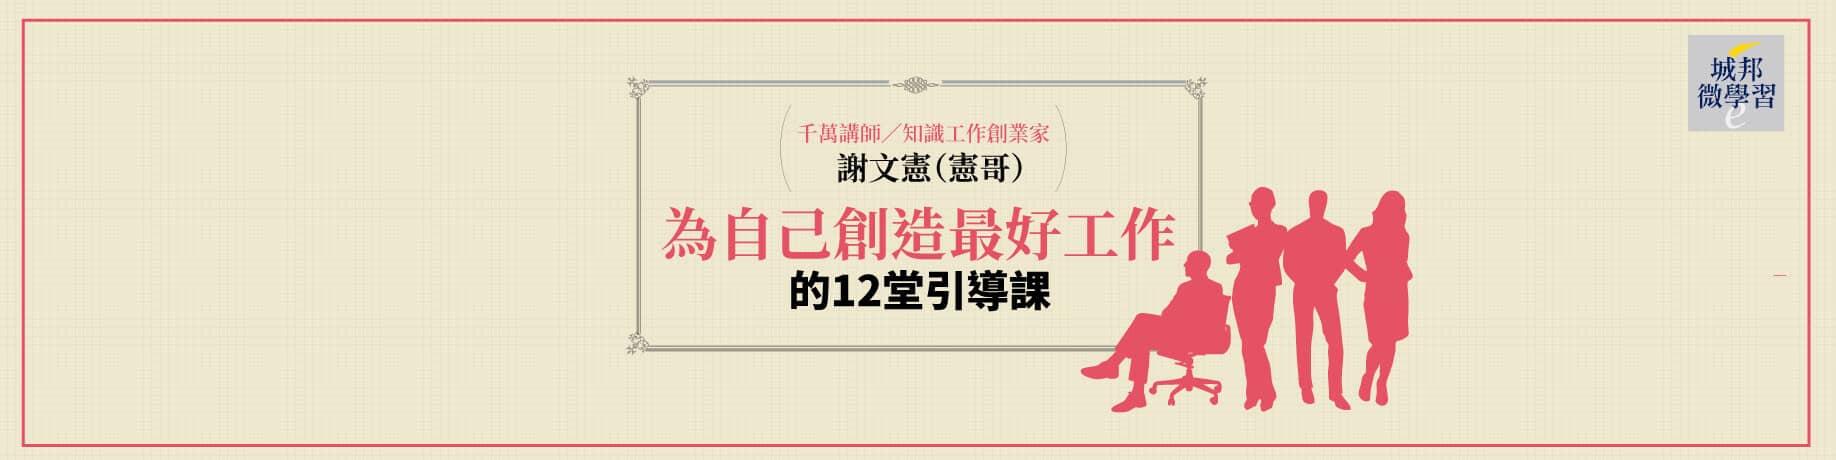 謝文憲:為自己創造最好工作的12堂引導課